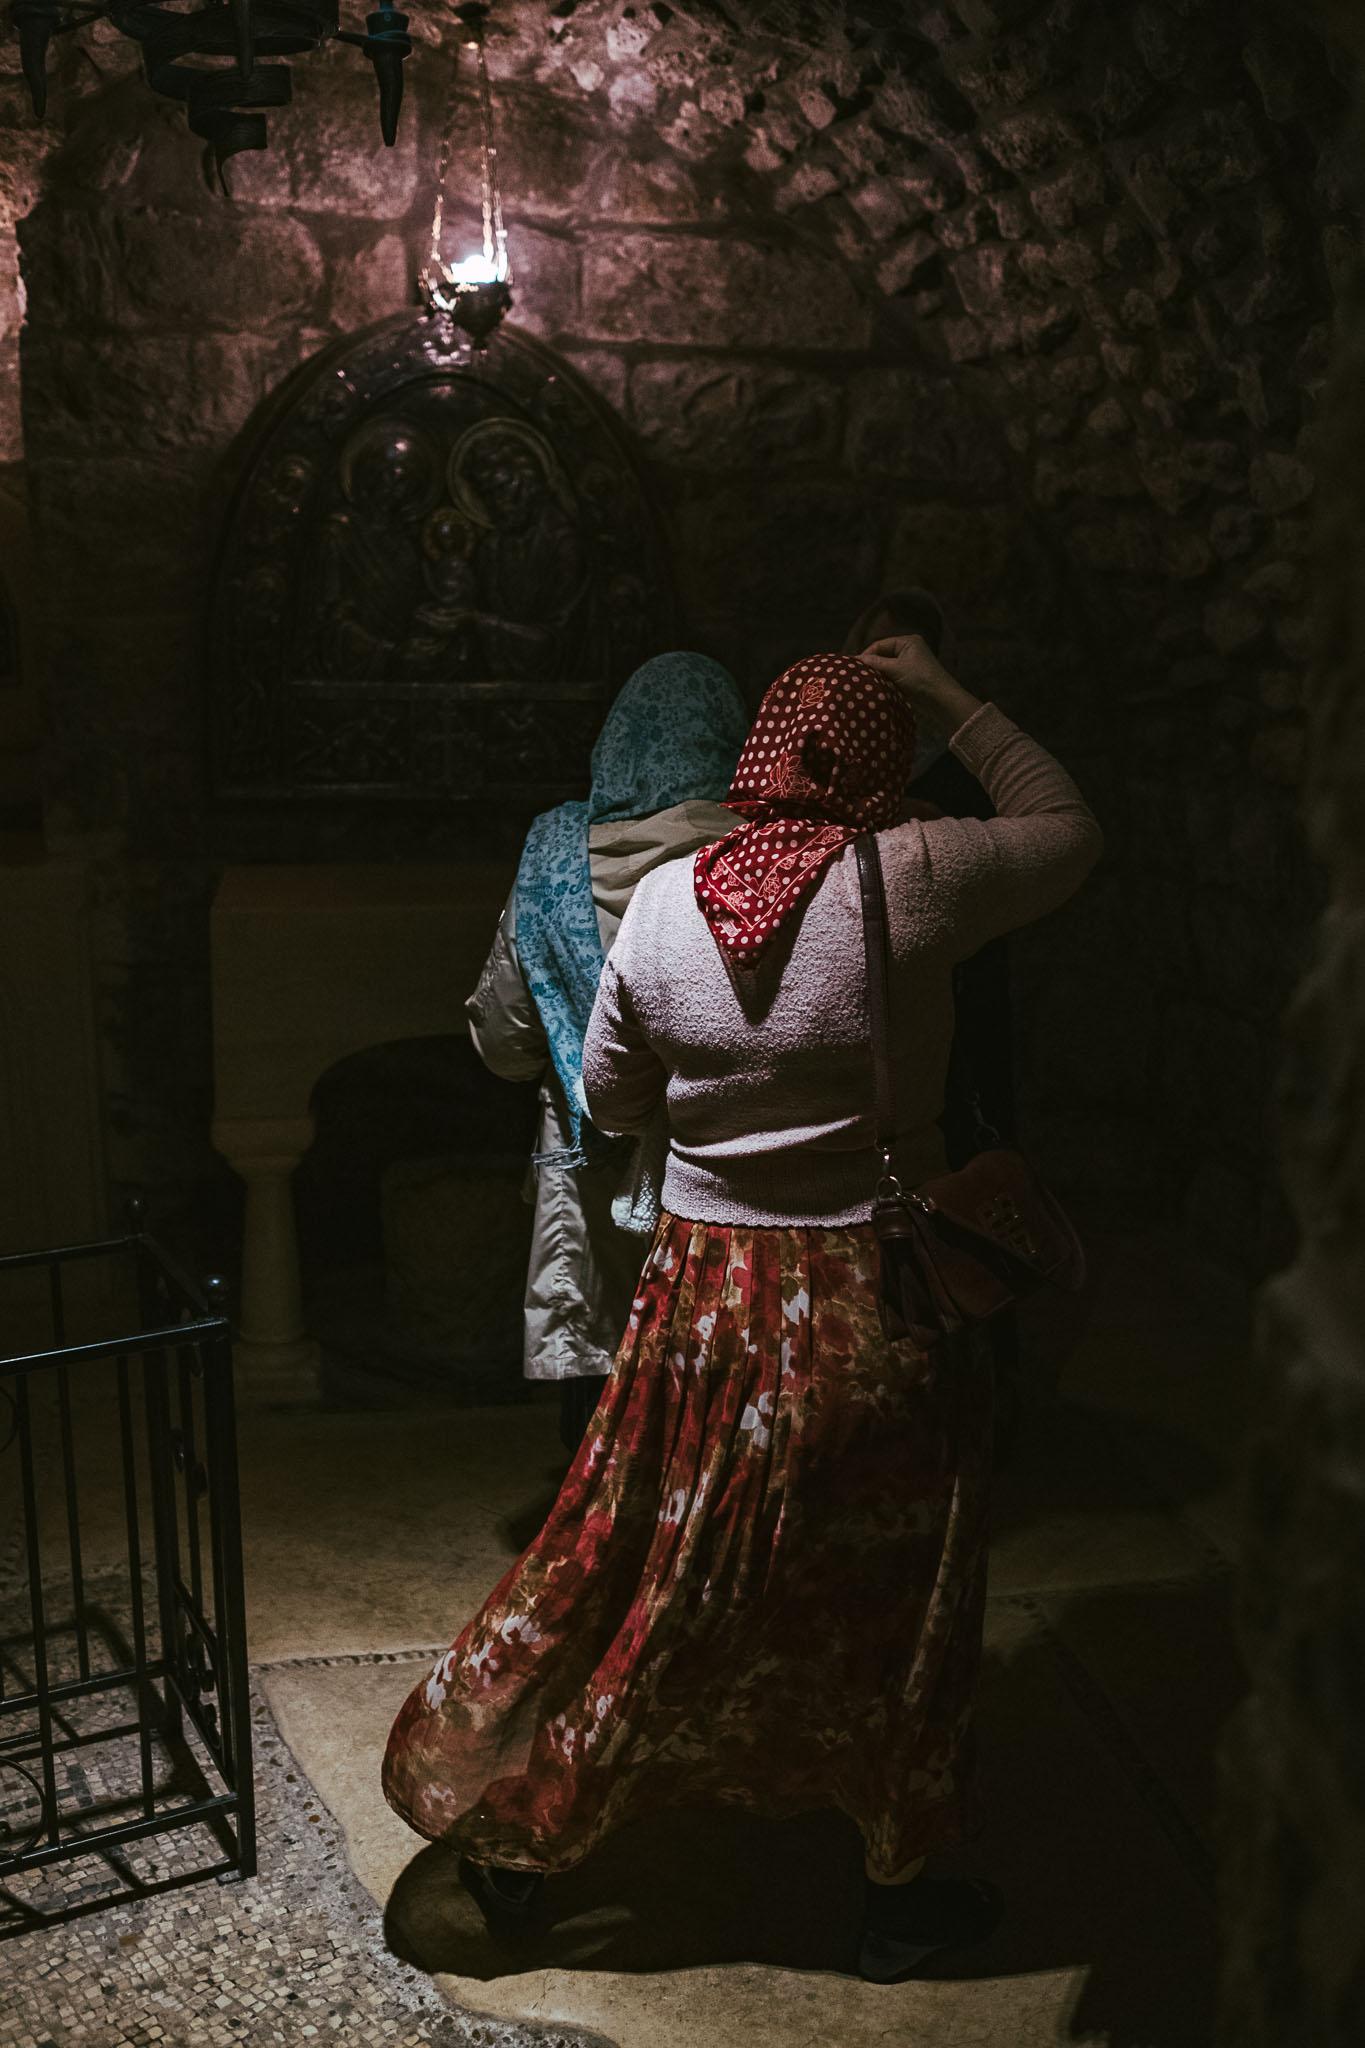 jerusalem - Israel - geschichten von unterwegs - Reiseblogger (500 von 9)